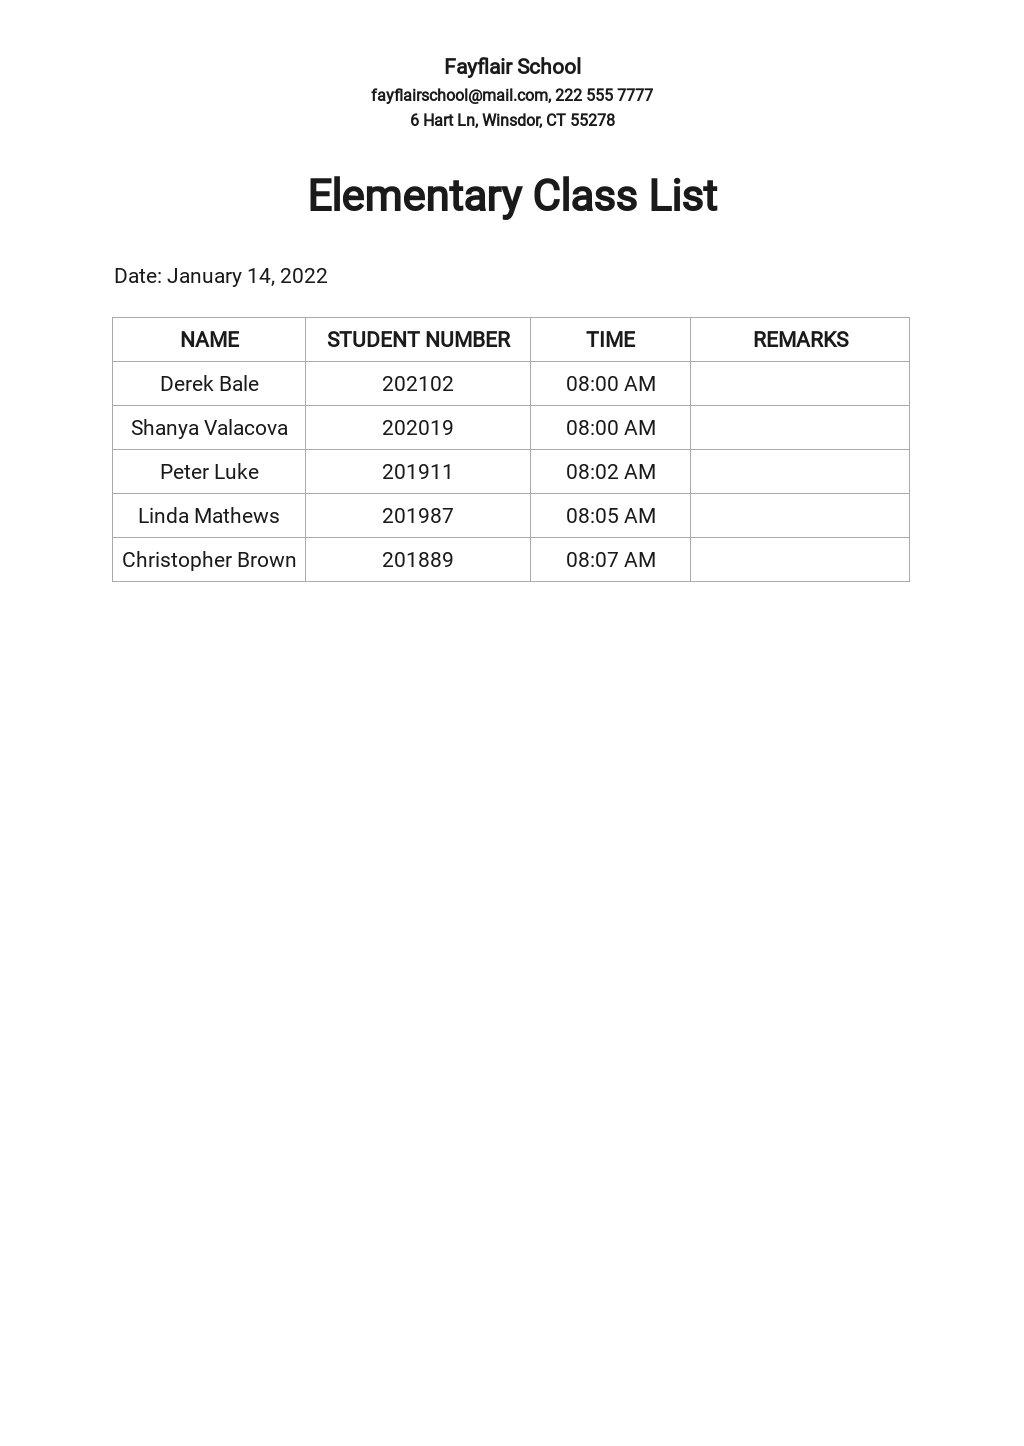 Elementary Class List Template.jpe